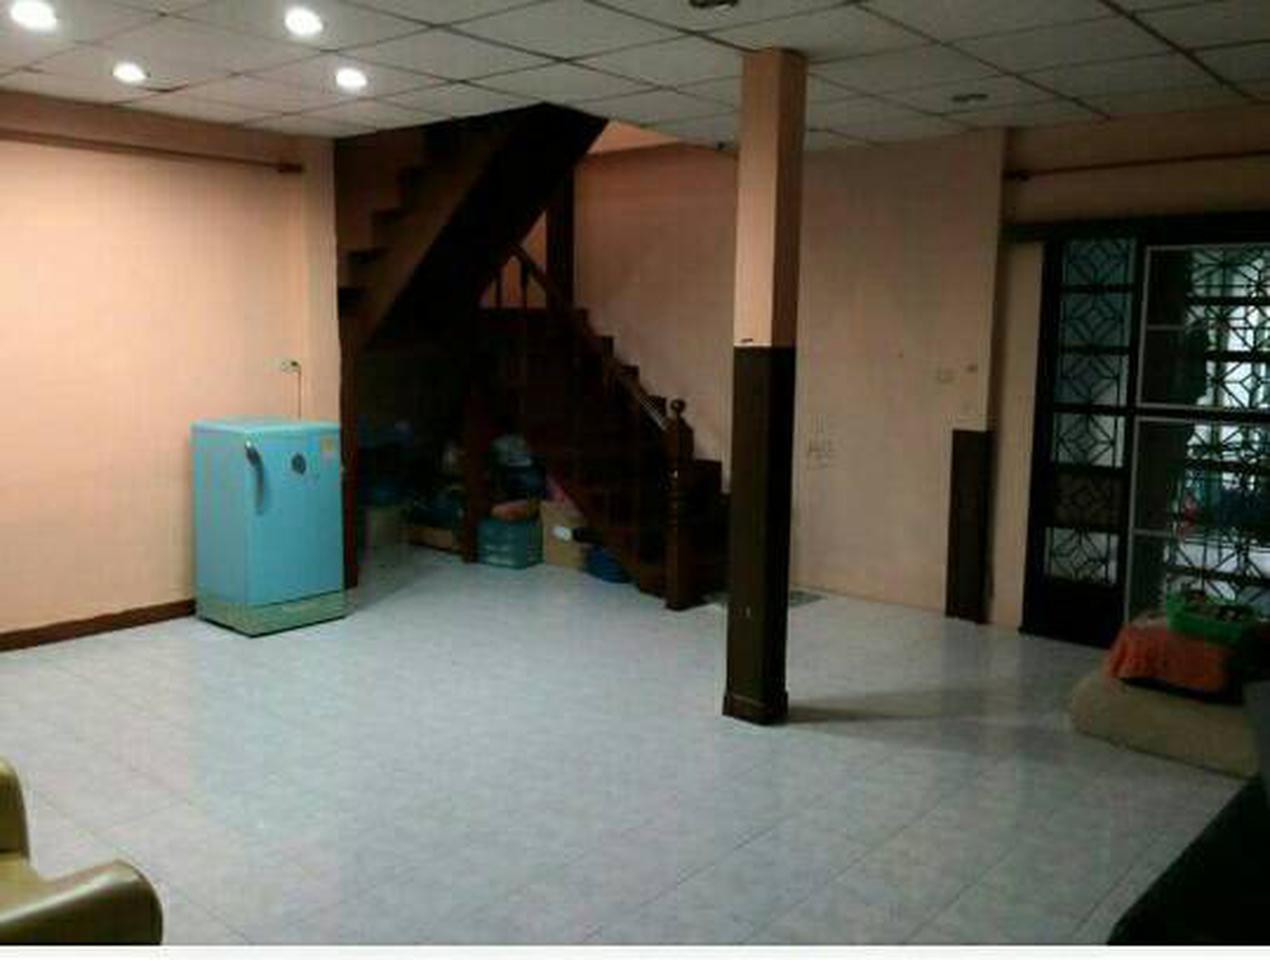 ขาย/เช่า บ้านเดี่ยวราคาถูก  รูปที่ 4